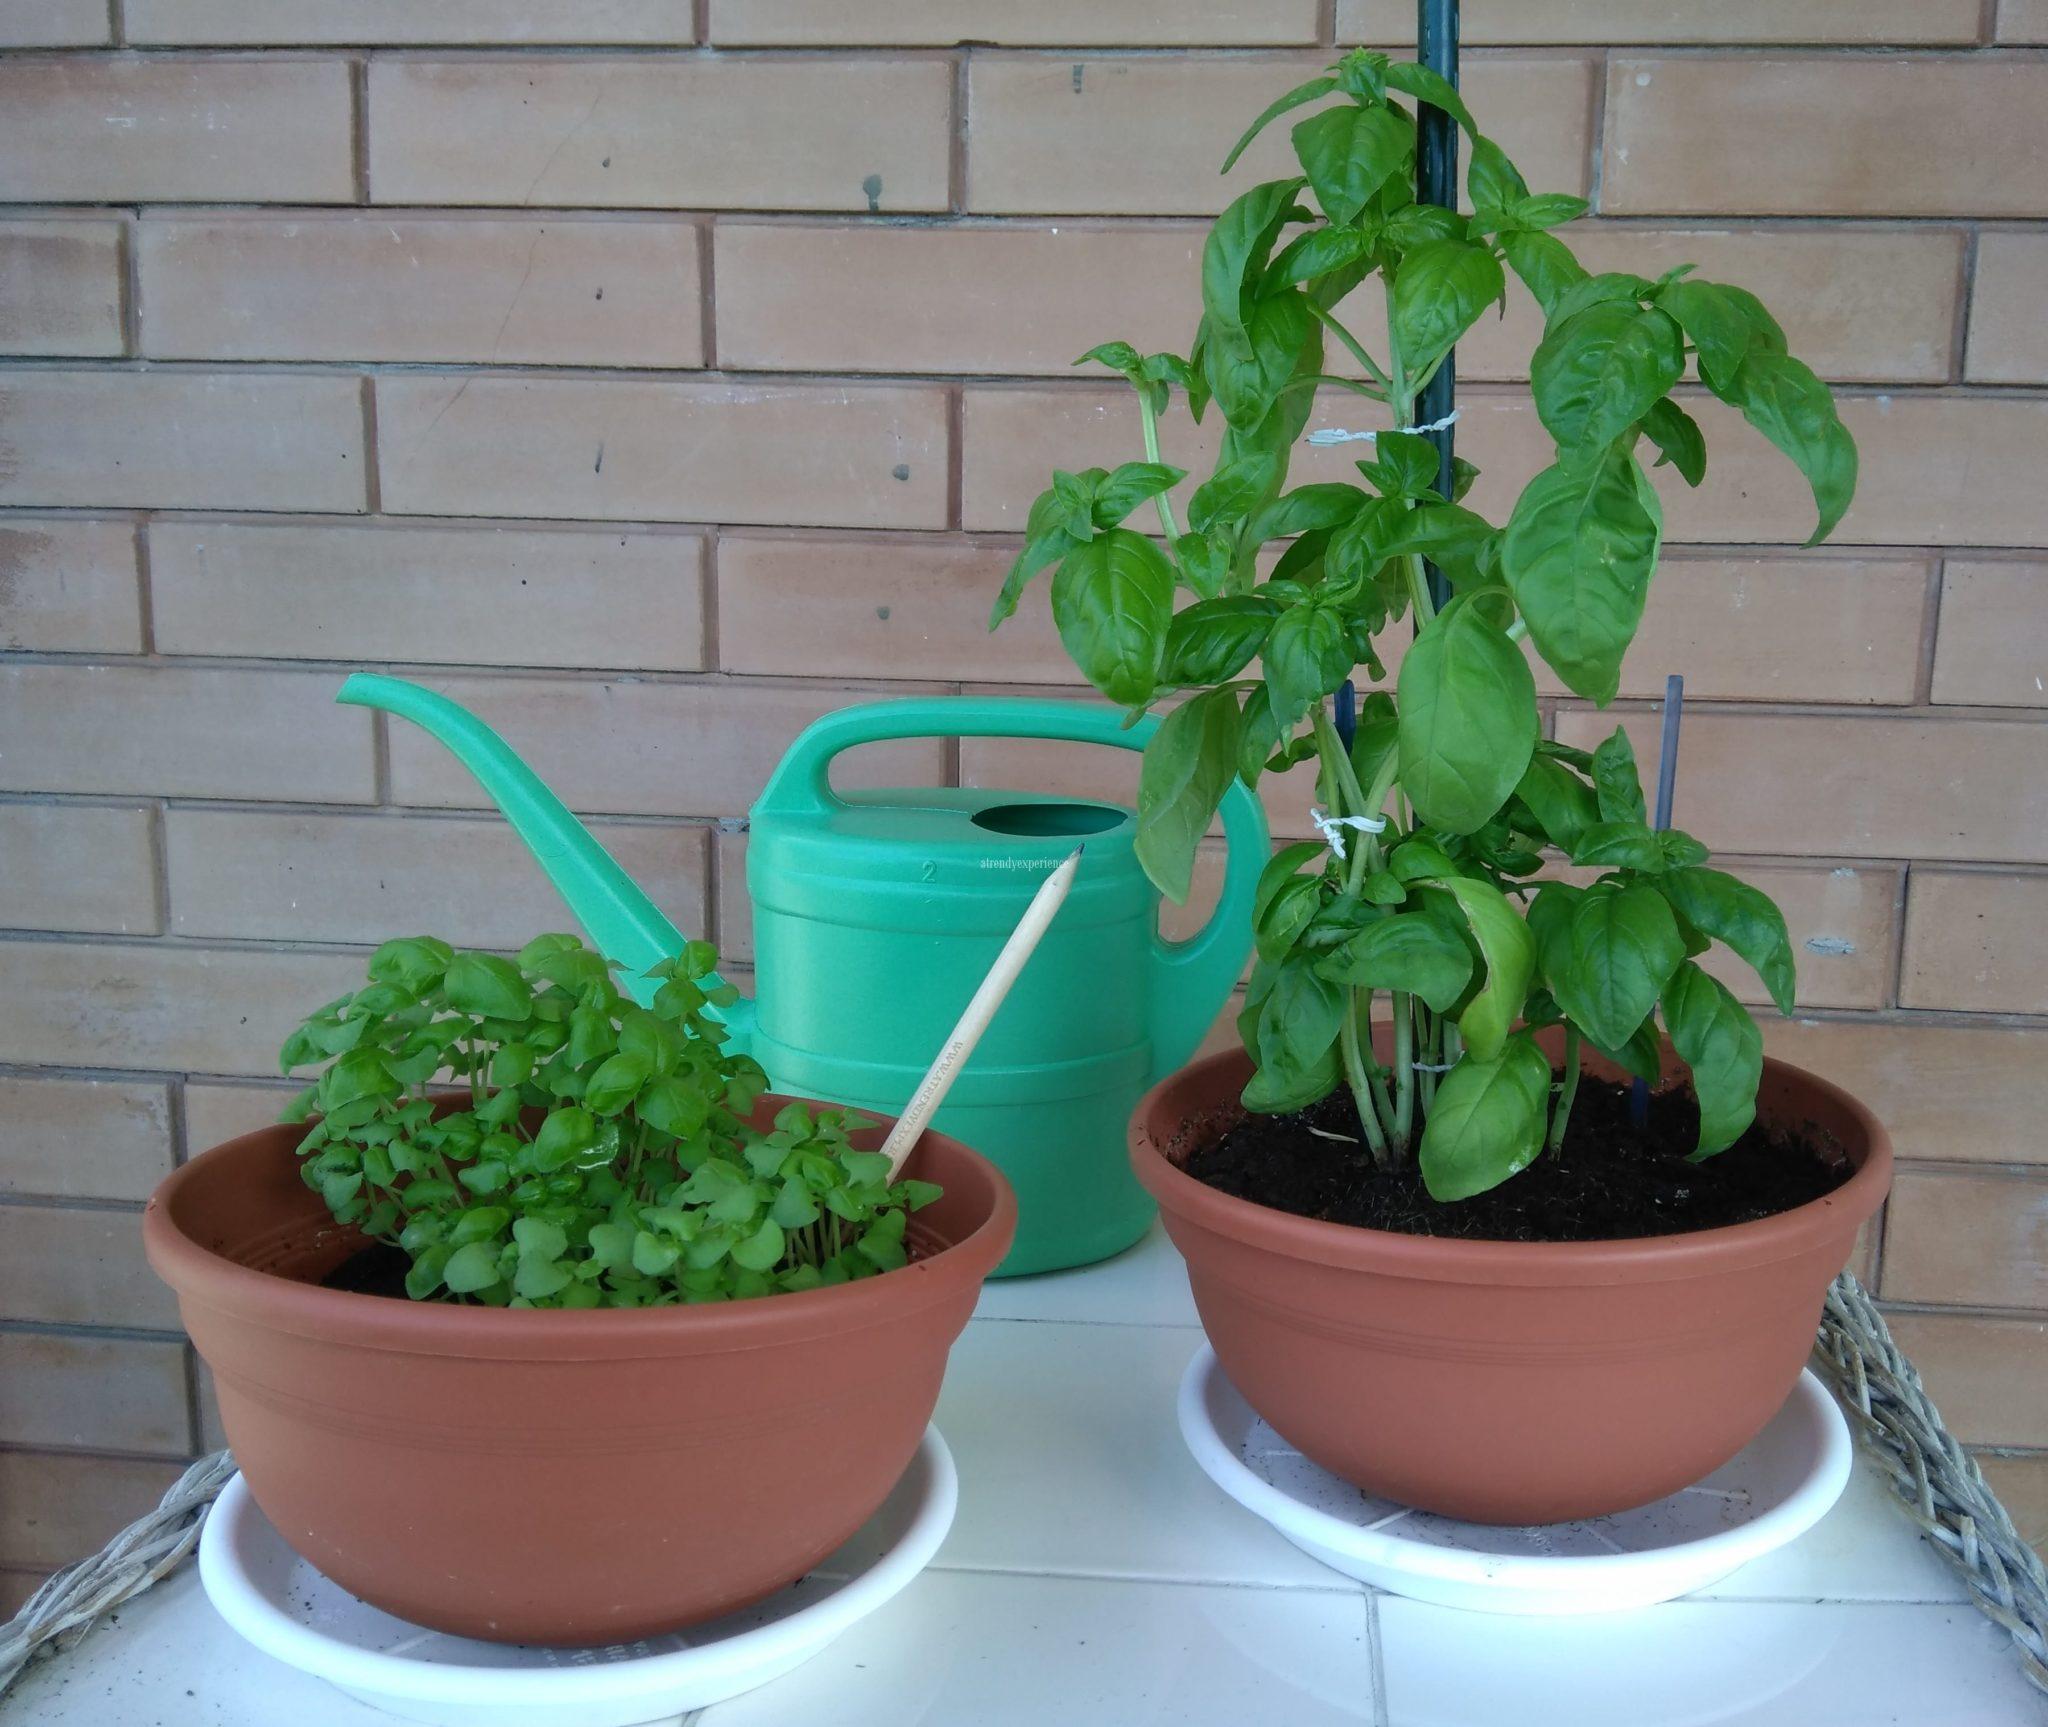 coltivare basilico in vaso tipi di vasi irrigazione e consigli utili